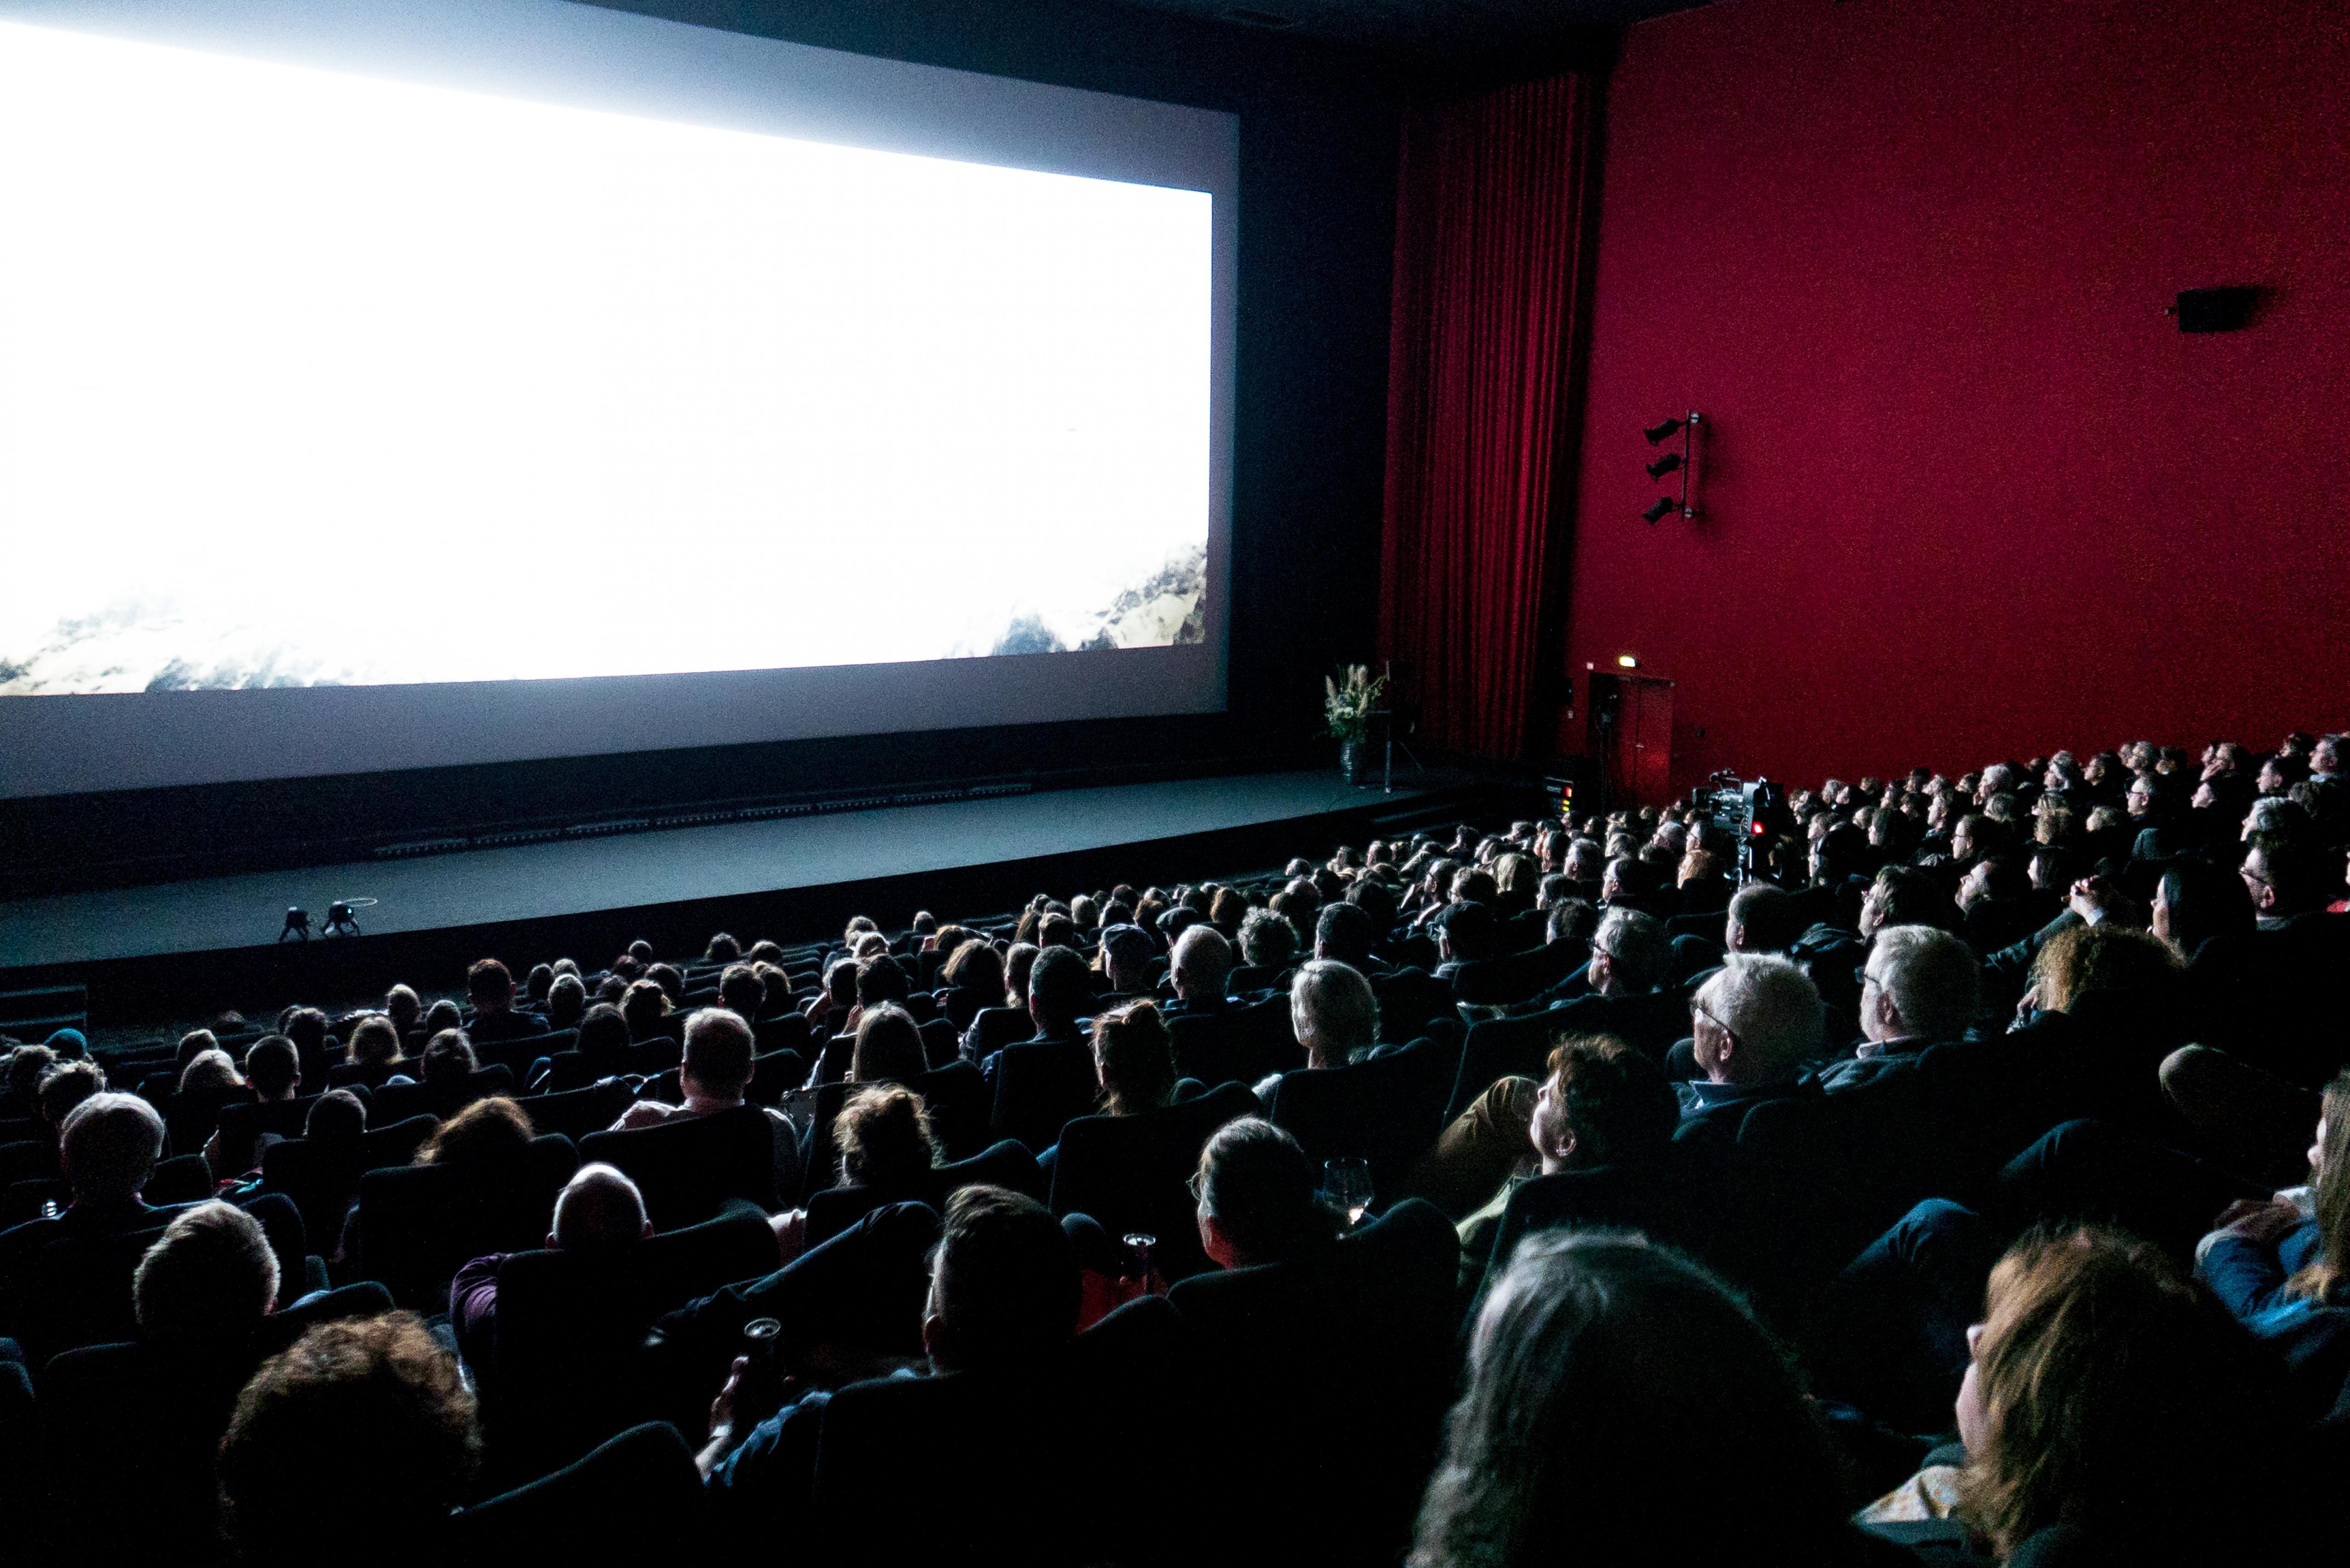 vollbesetzter Kinosaal, Blick über über die Köpfe der Zuschauerinnen und Zuschauer auf die überstrahlte Leinwand